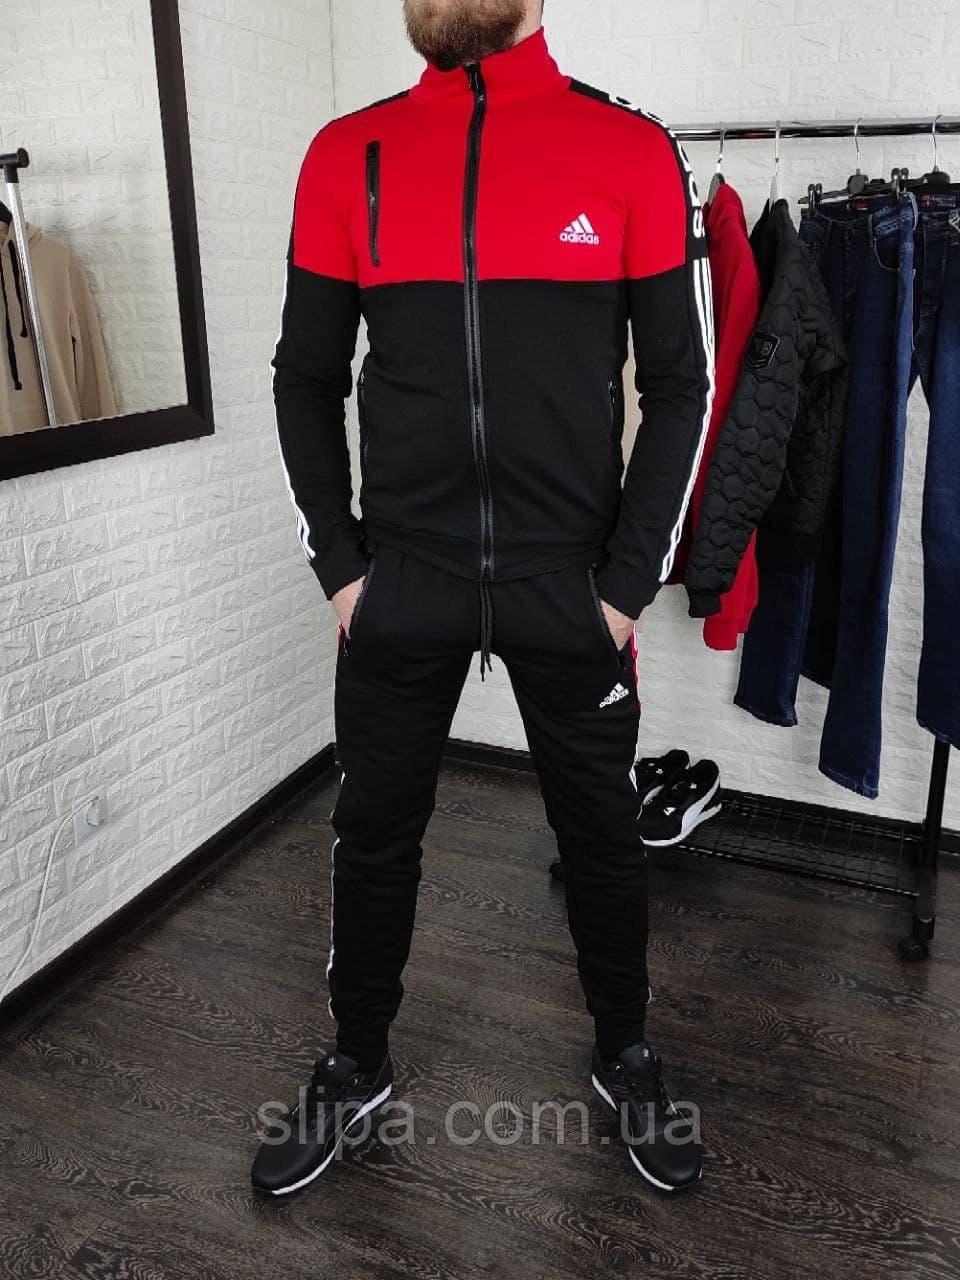 Чоловічий спортивний костюм Adidas без капюшона , штани на манжетах